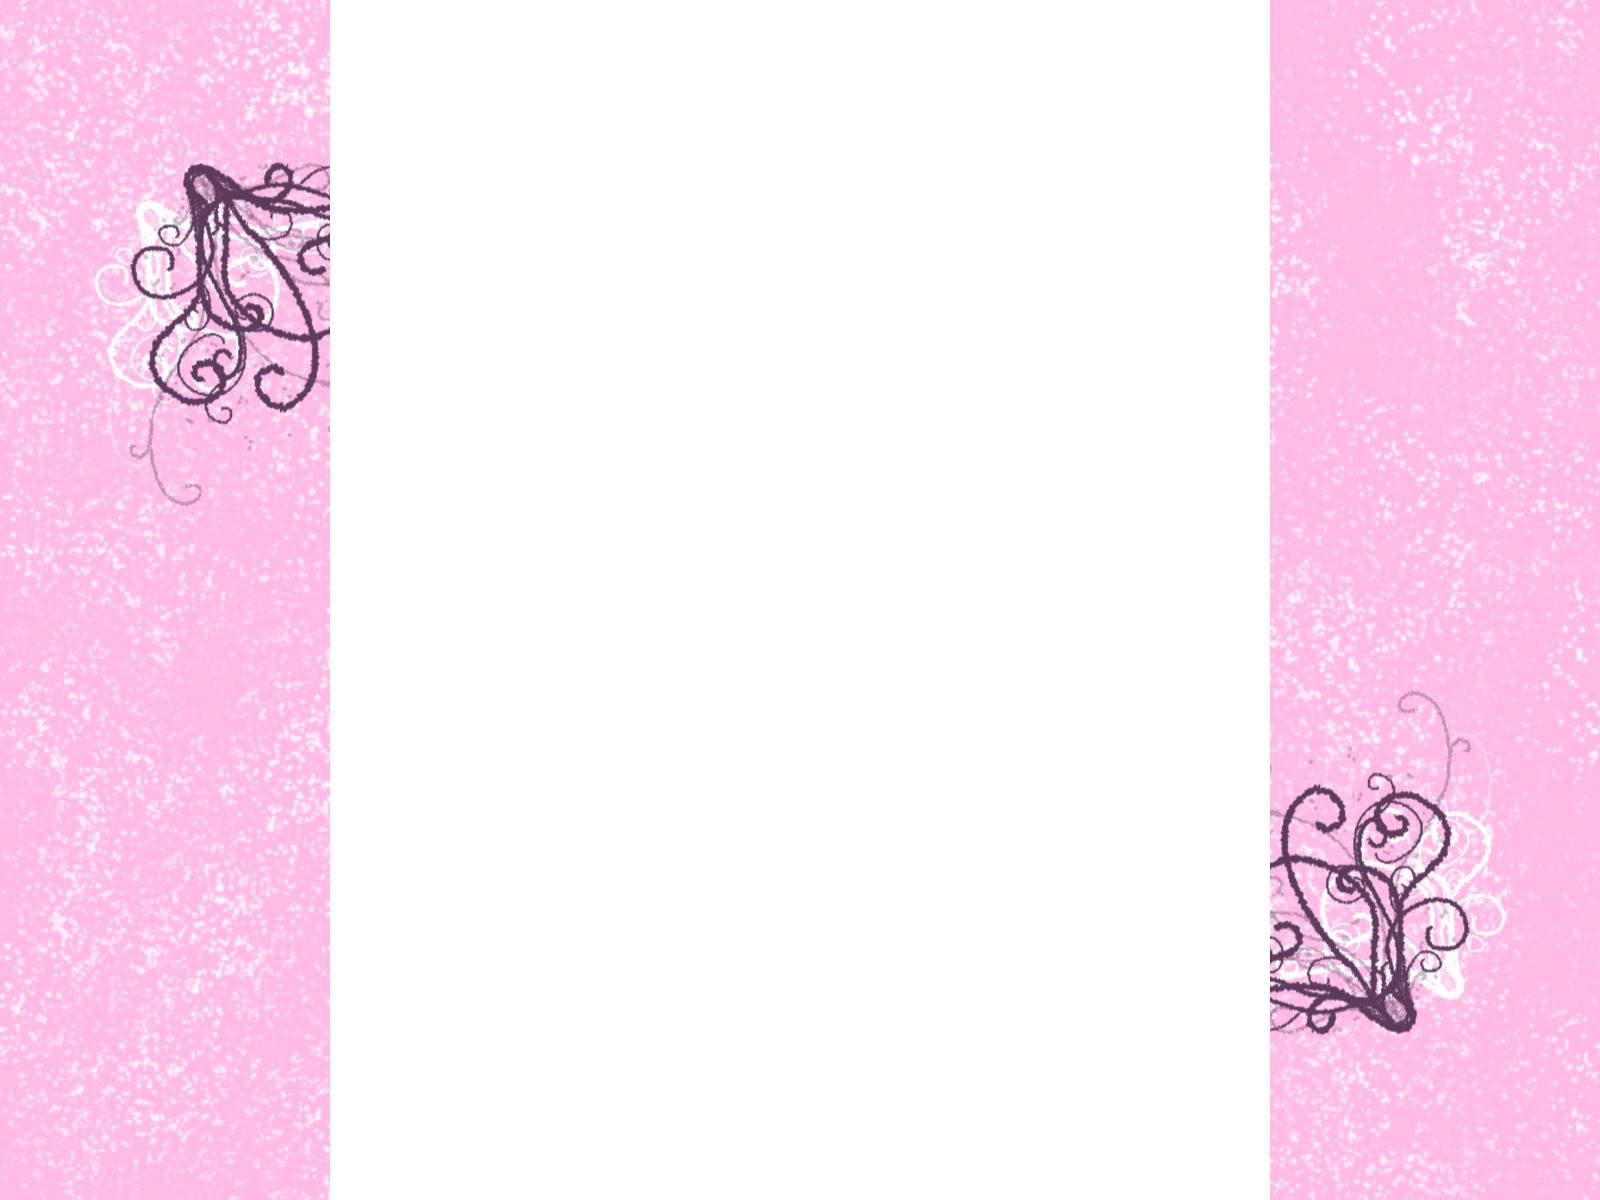 Prim & Proper Designs: Freebies; Blog Backrounds